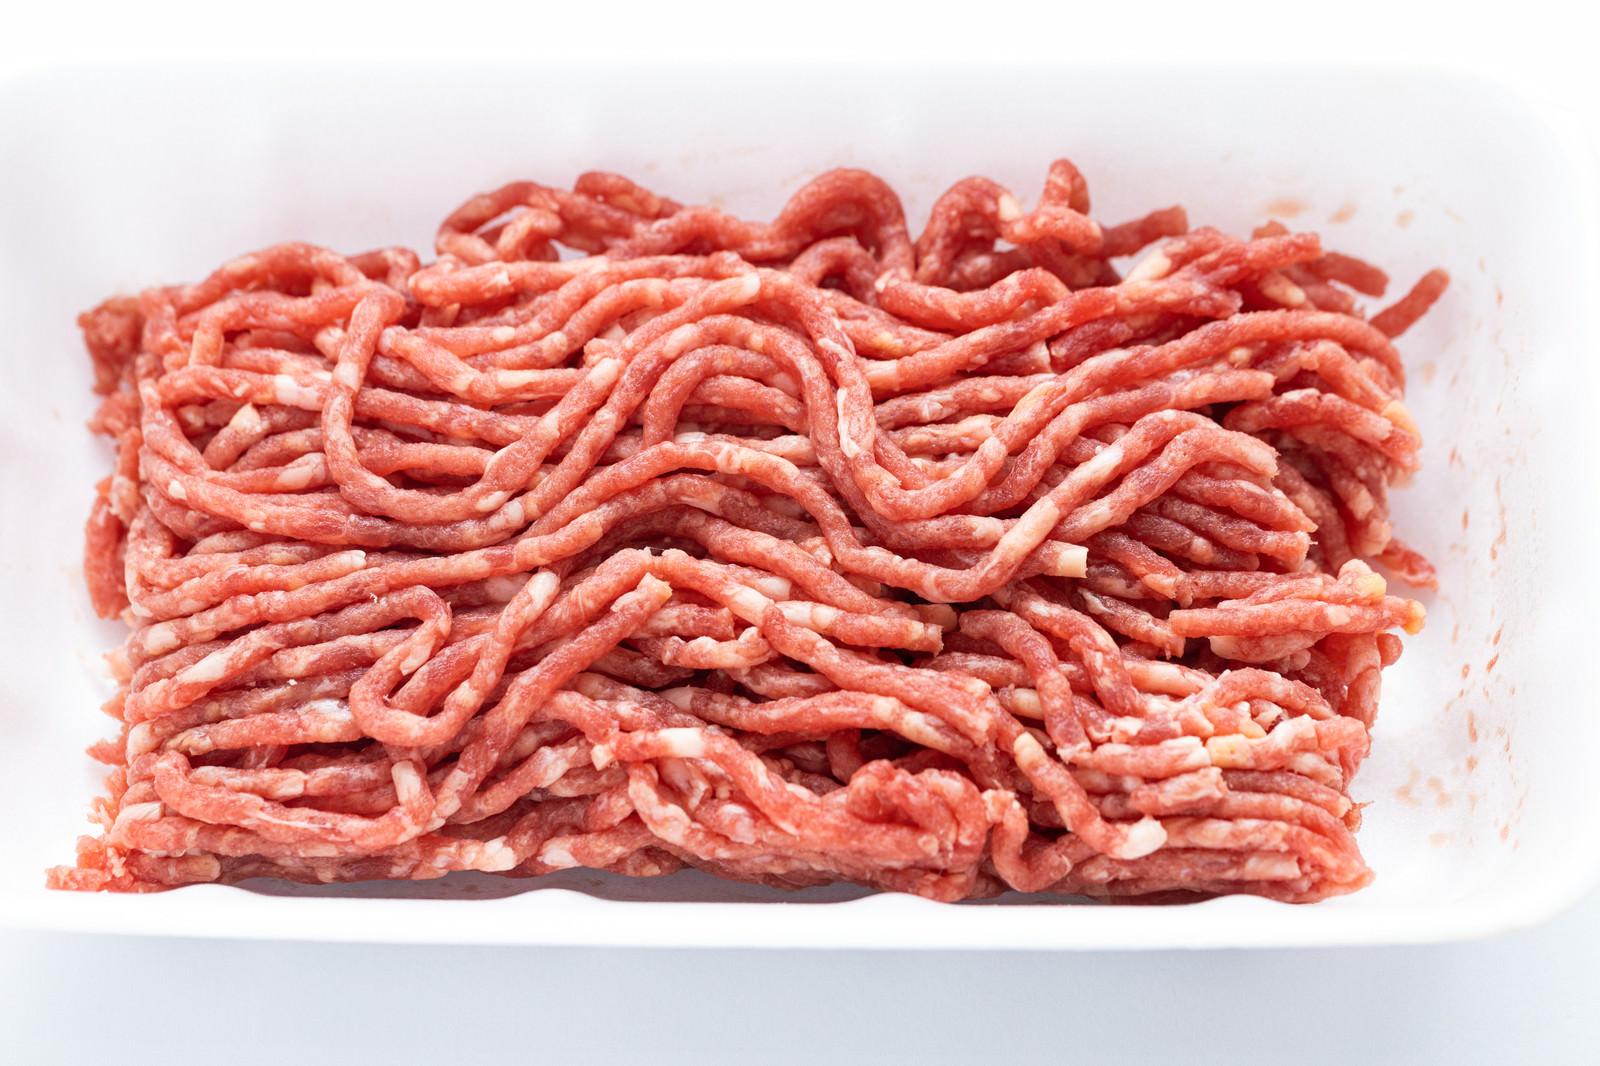 「横向きトレーの合挽肉」の写真